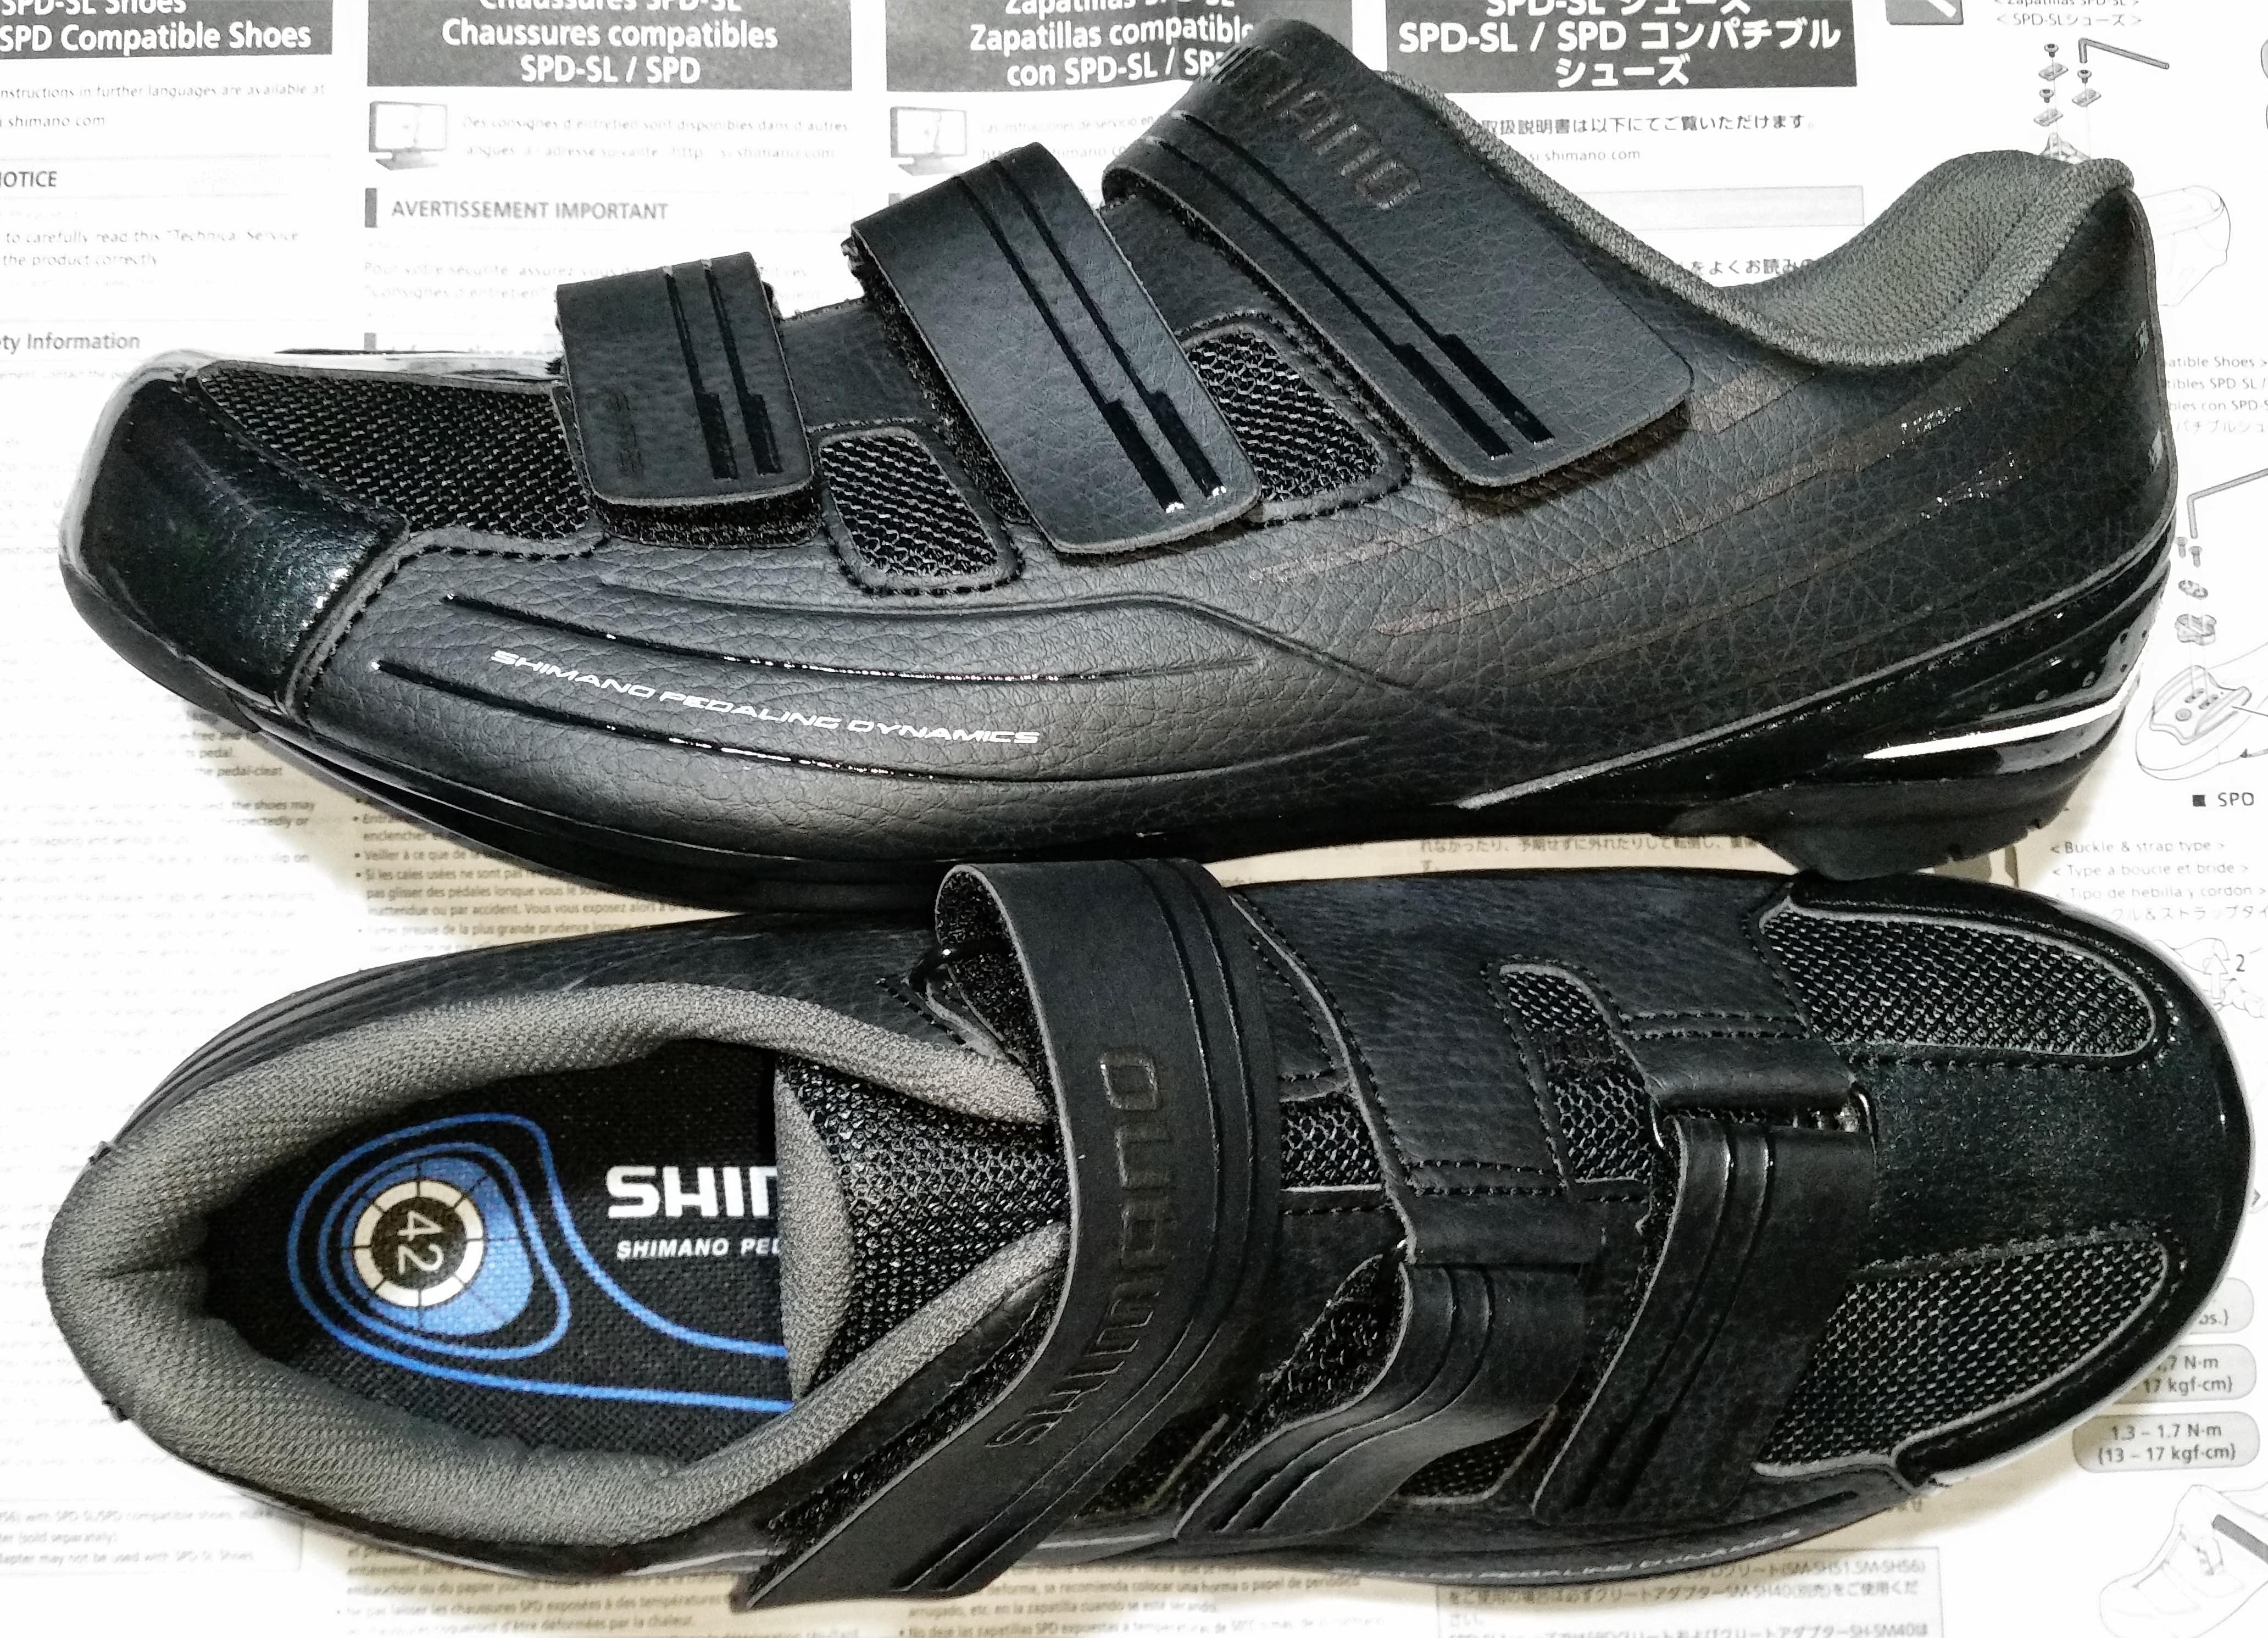 Shimano MTB Shoe Sh-Mt54l Various Sizes Black SPD Compatible Black